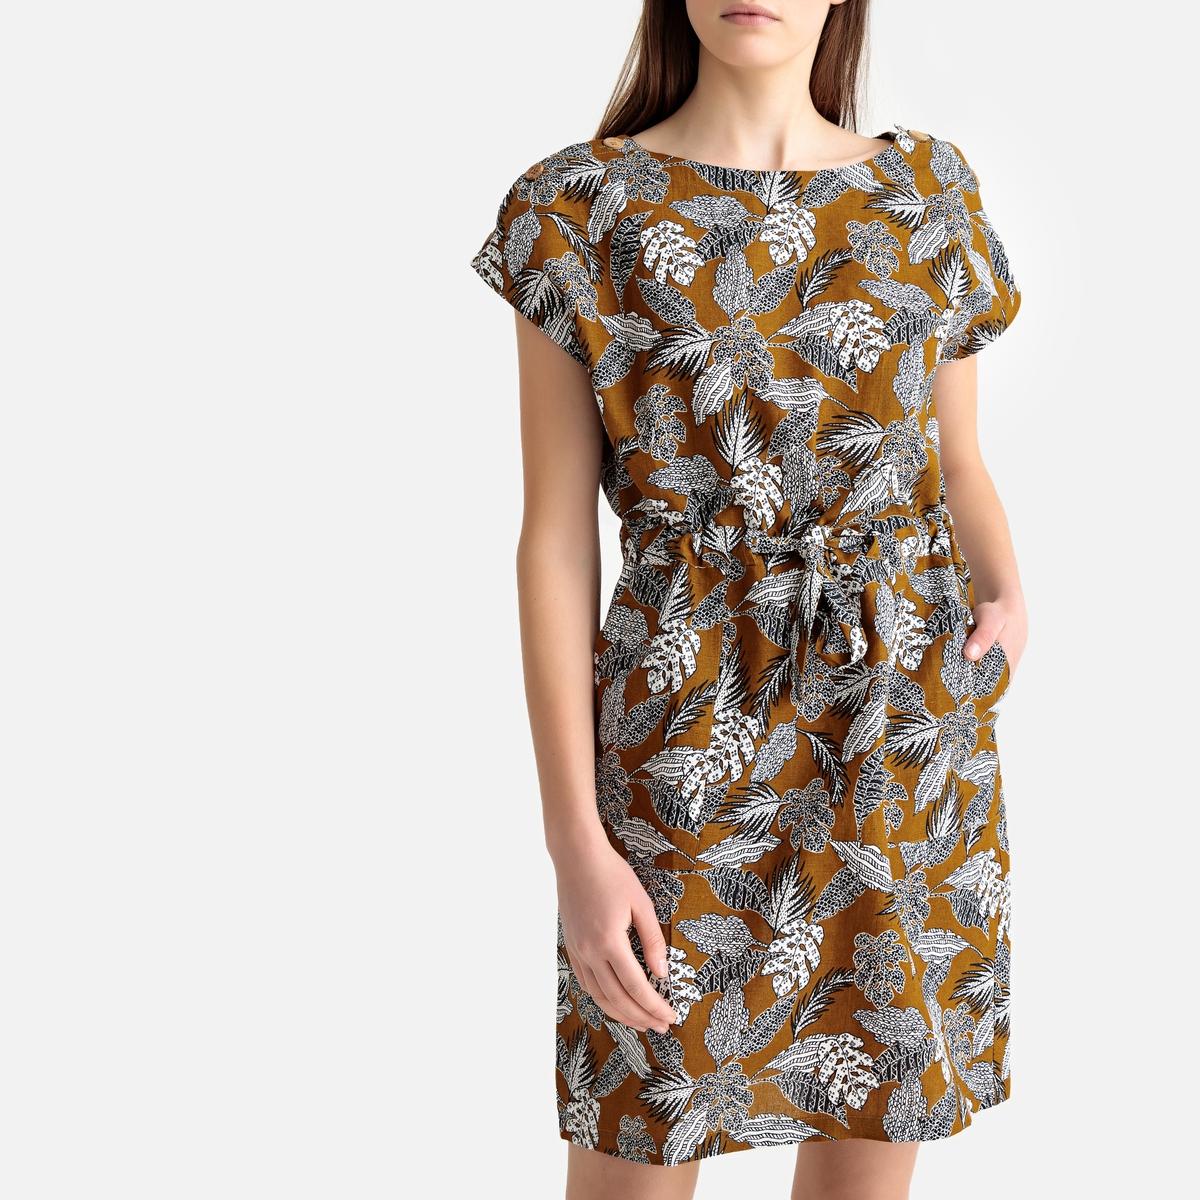 Платье La Redoute Короткое прямое с цветочным рисунком без рукавов 36 (FR) - 42 (RUS) разноцветный платье прямое с цветочным рисунком и контрастной полосой сзади